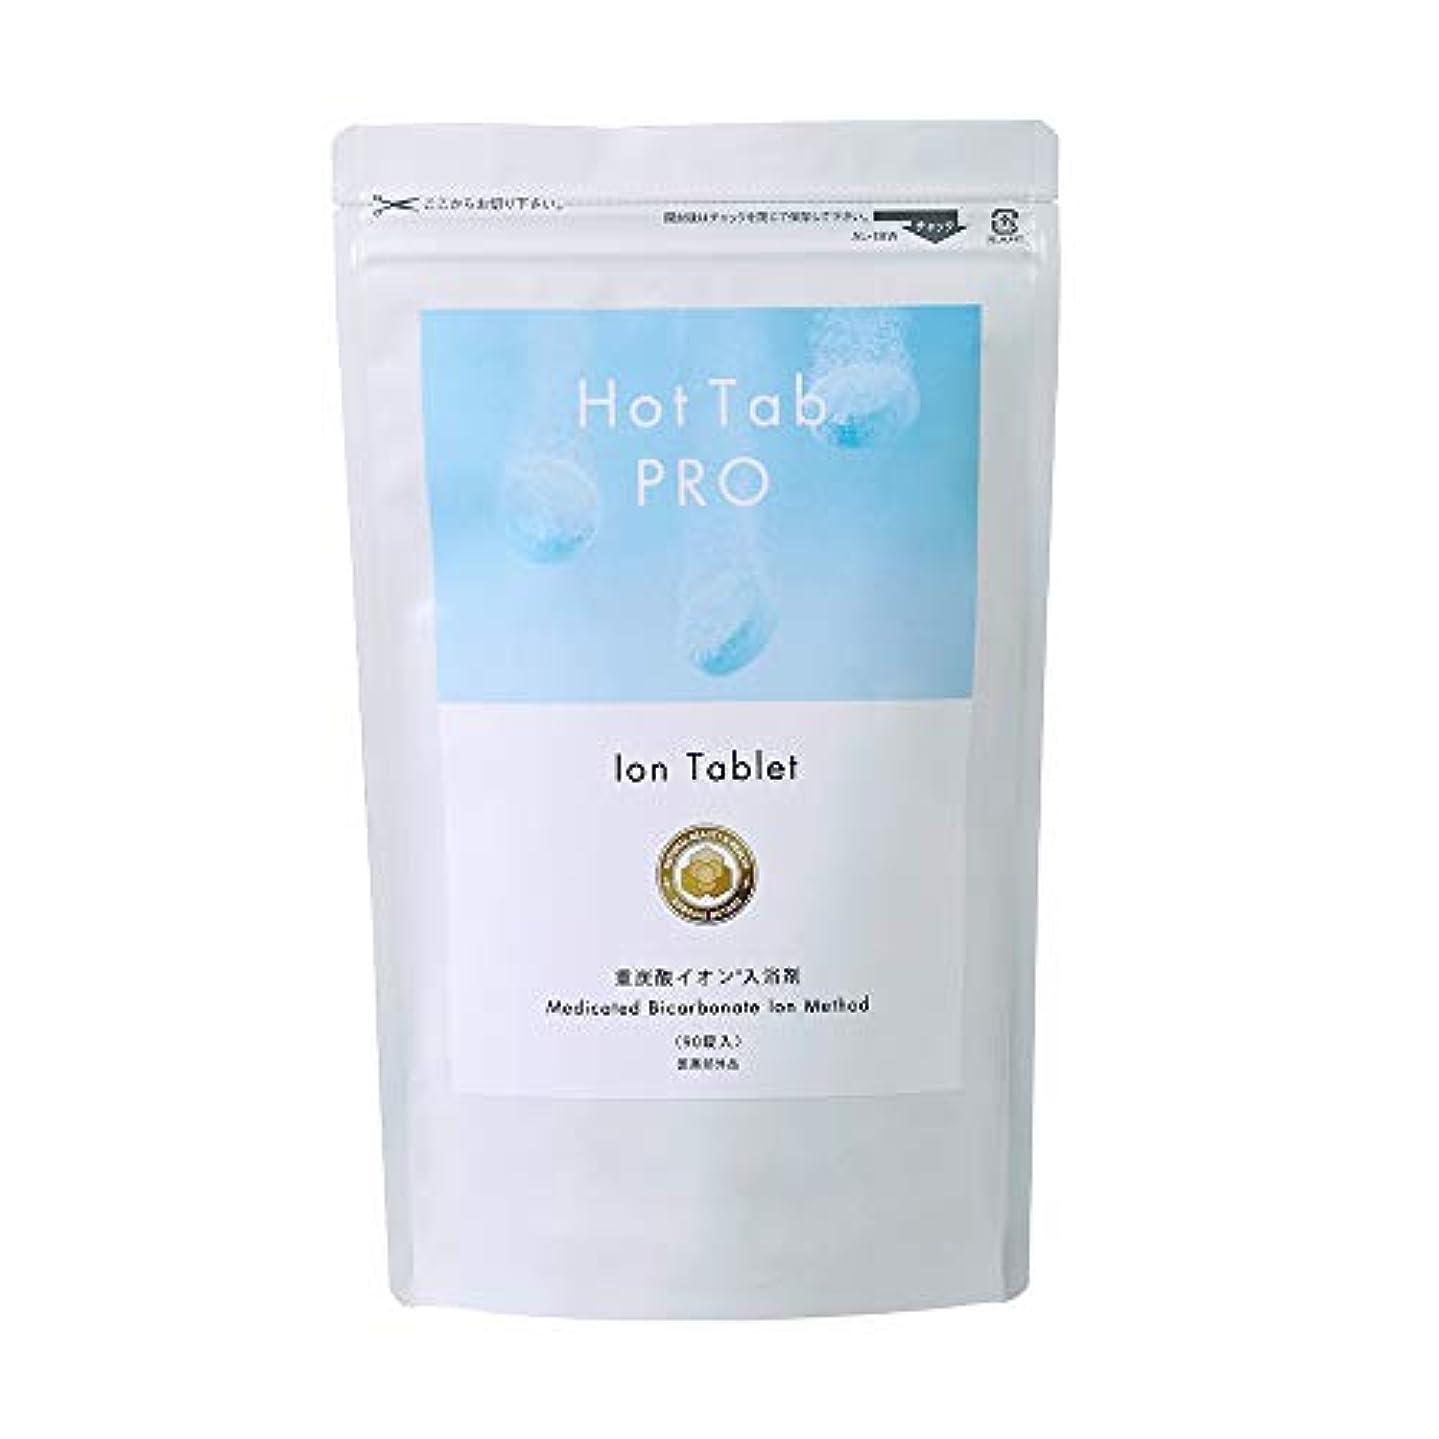 儀式疎外する病最新型 日本製なめらか重炭酸入浴剤「ホットタブPro」(デリケートな肌でも安心 無香料 無着色 中性pH) (お得な90錠セット)